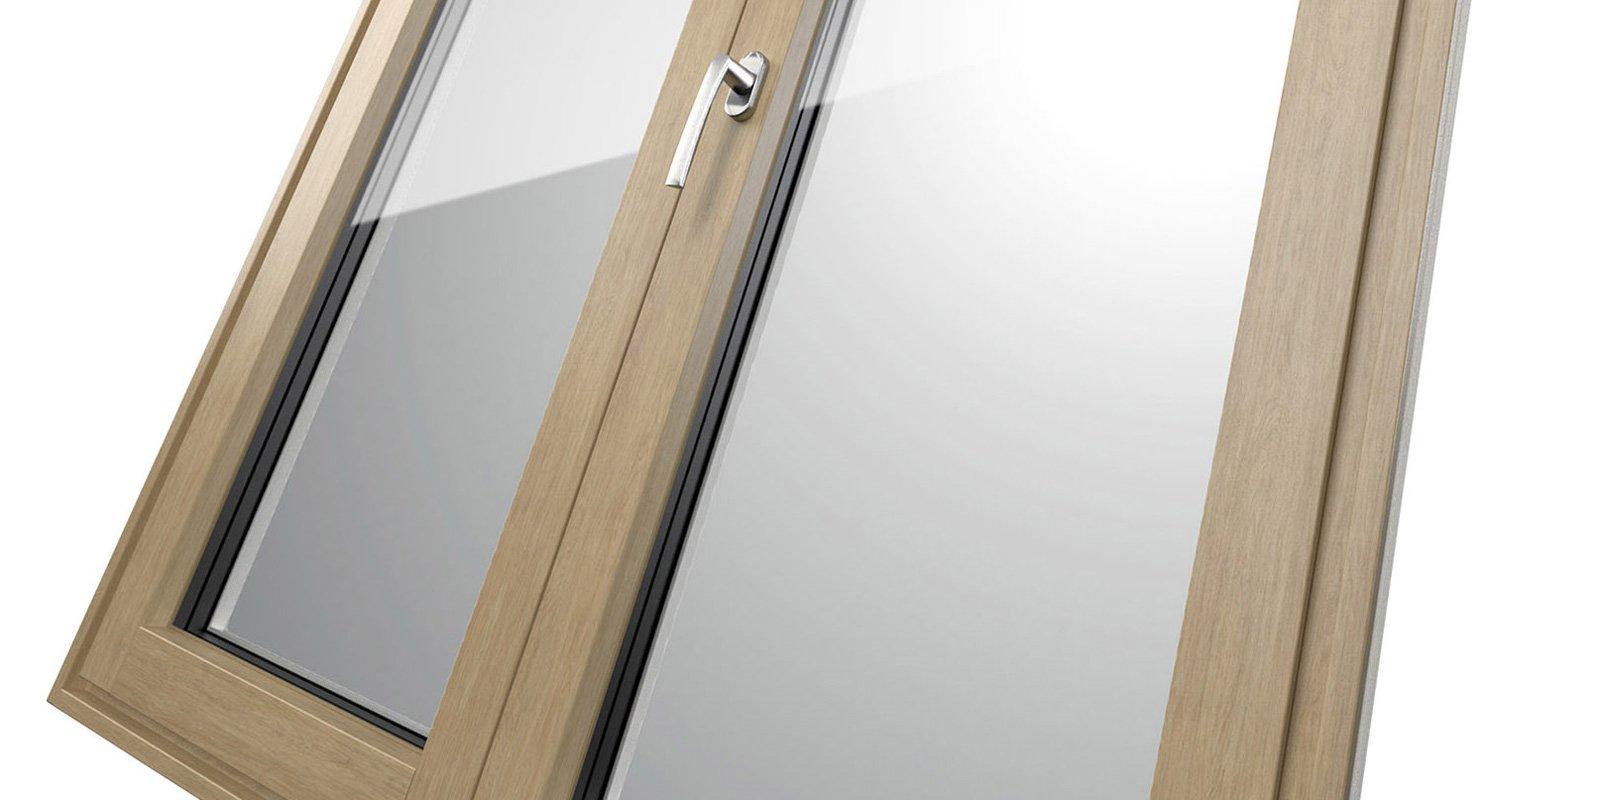 Le nuove finestre in alluminio legno e pvc legno cose di casa - Finestre in alluminio e legno ...